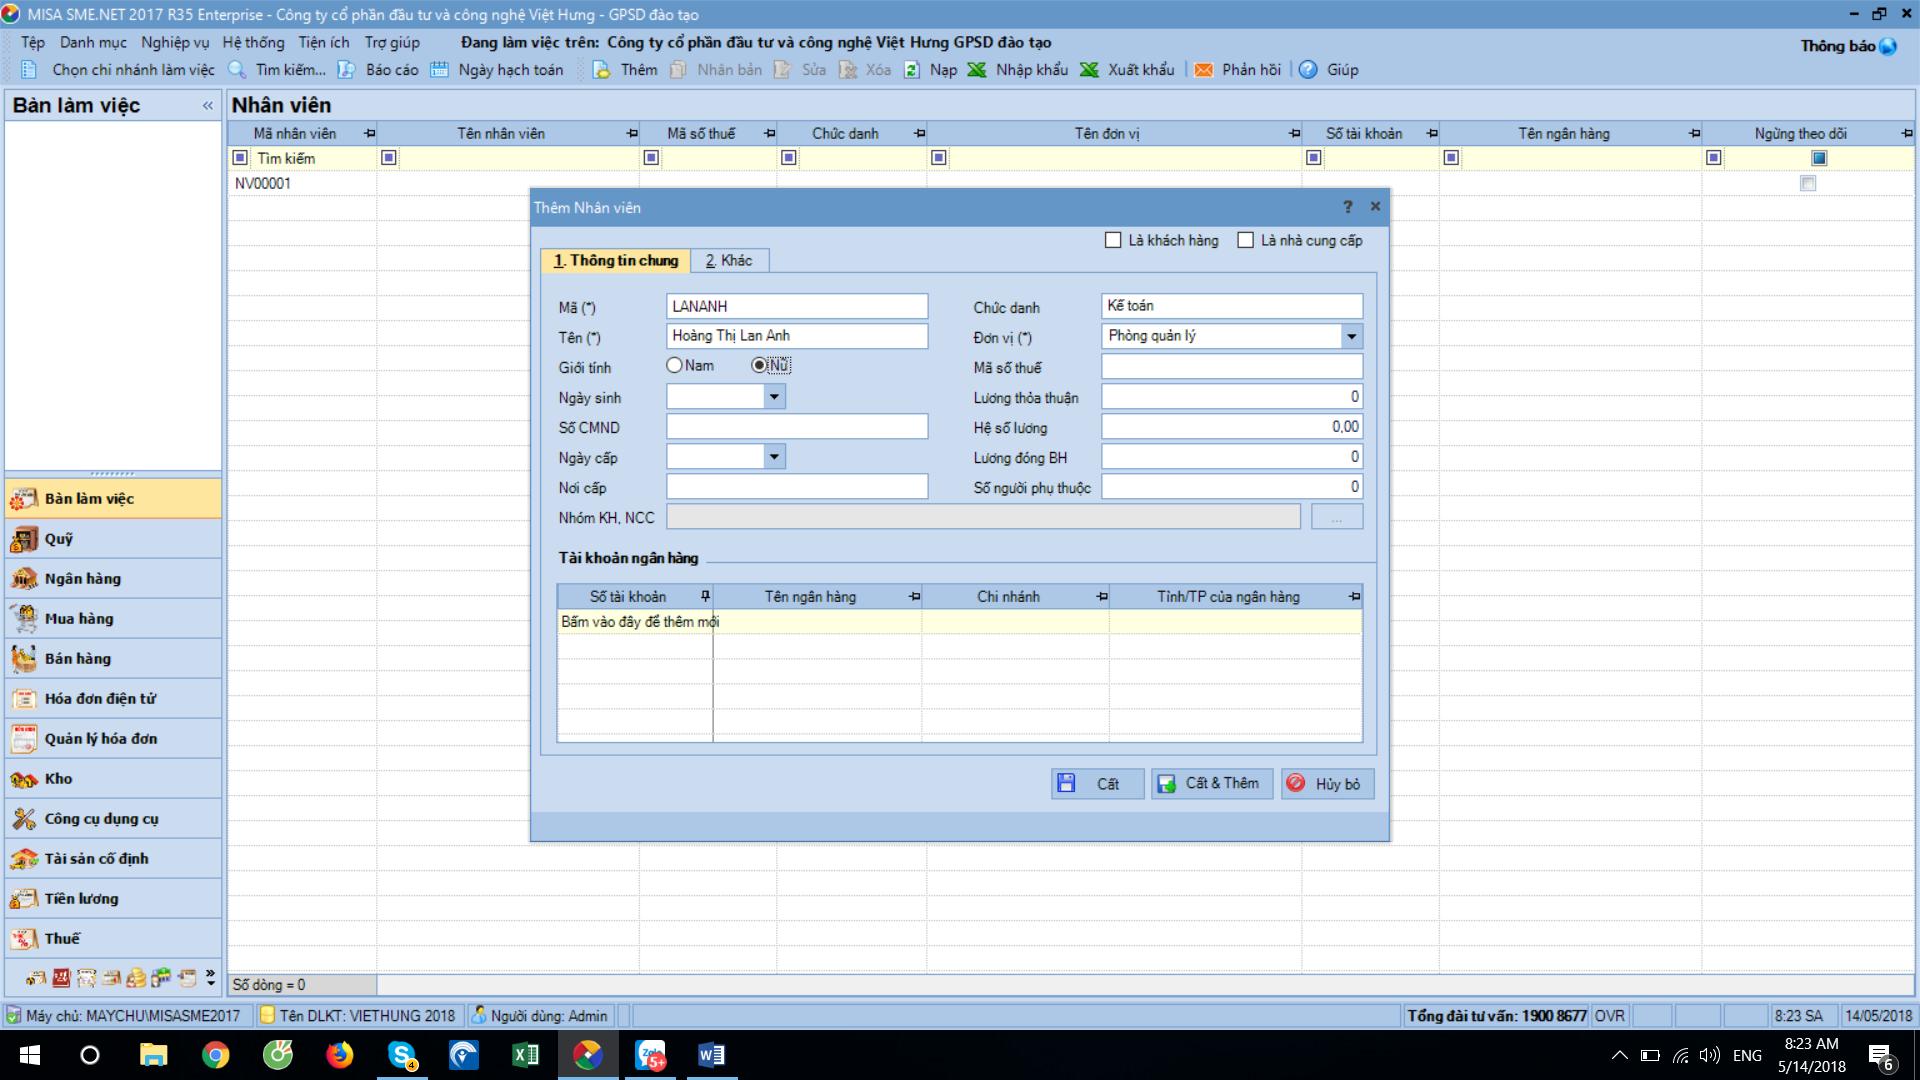 Các bước khai báo thông tin ban đầu trên phần mềm misa